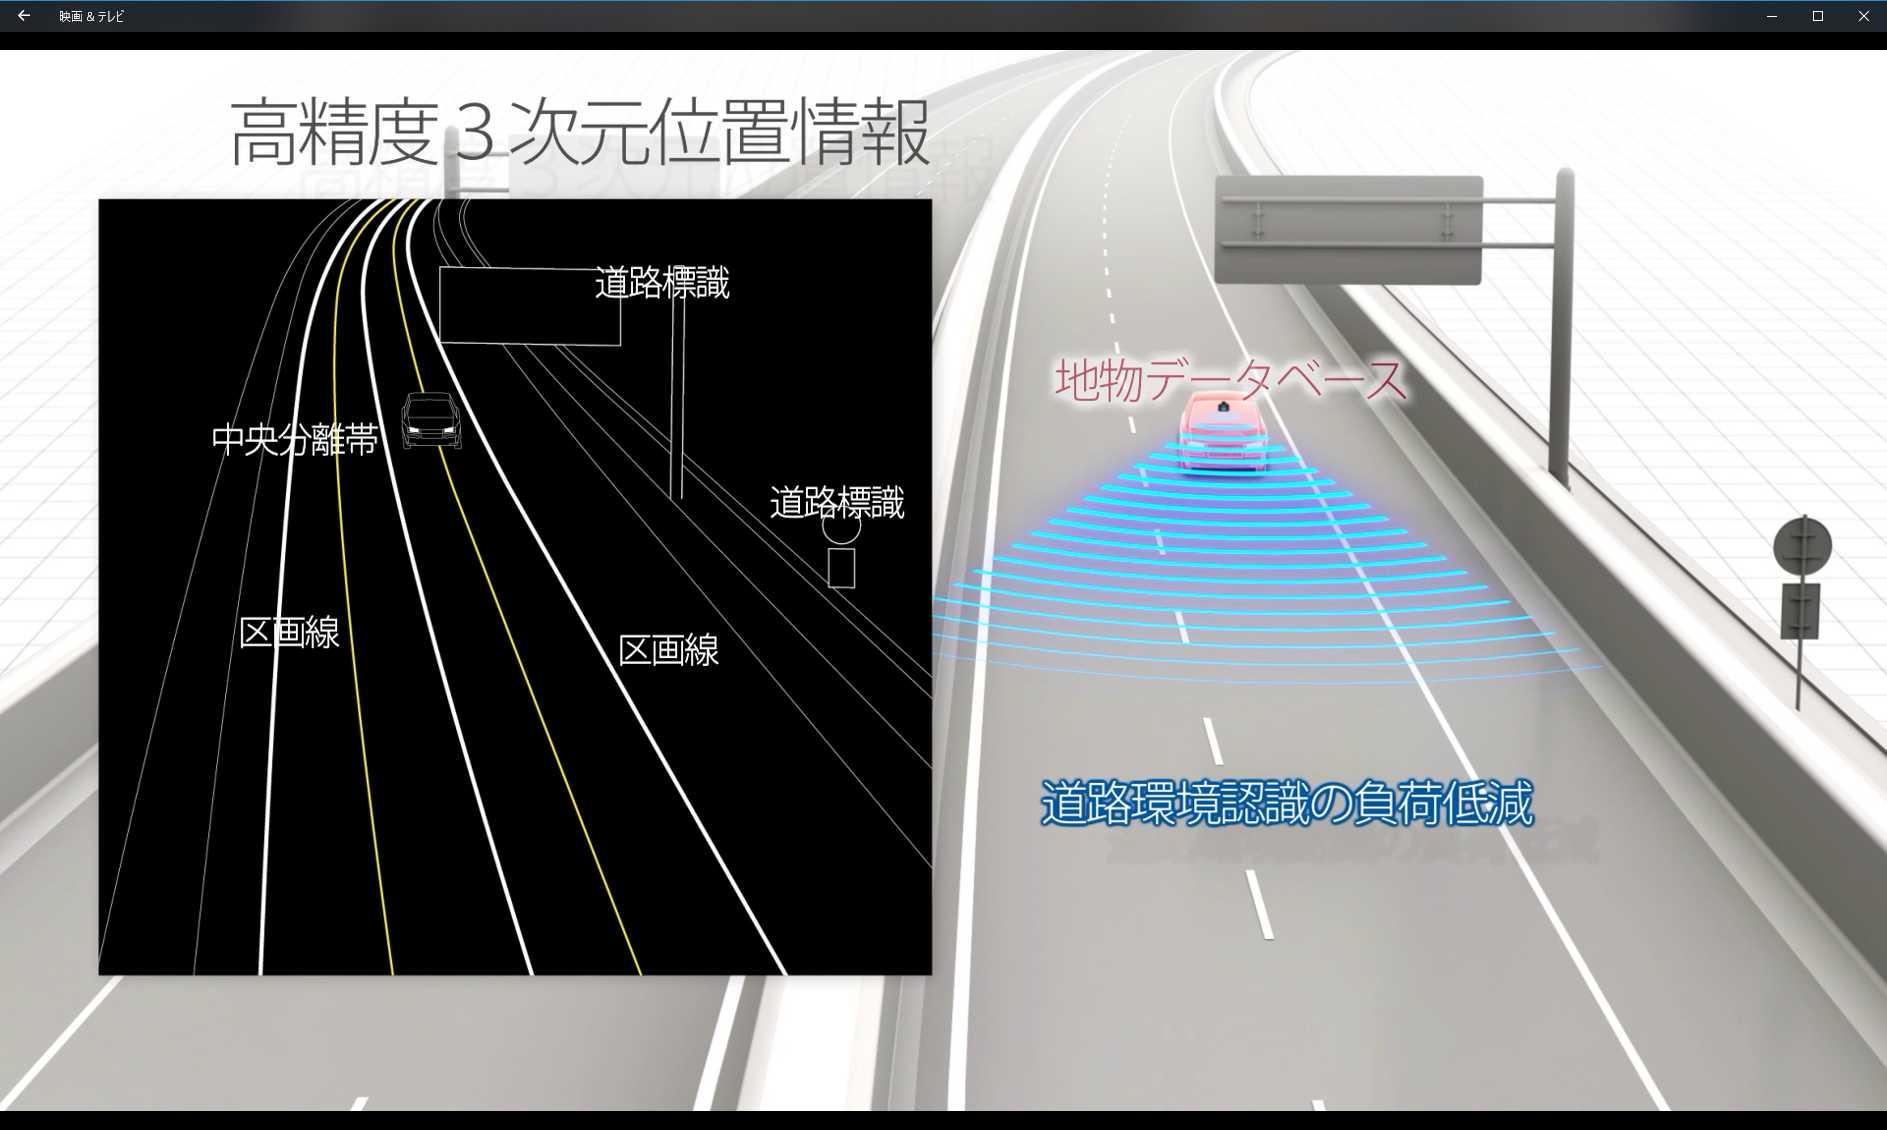 地物データベースをあらかじめ車両が保持することで負荷を低減(画像提供:ダイナミックマップ基盤株式会社)